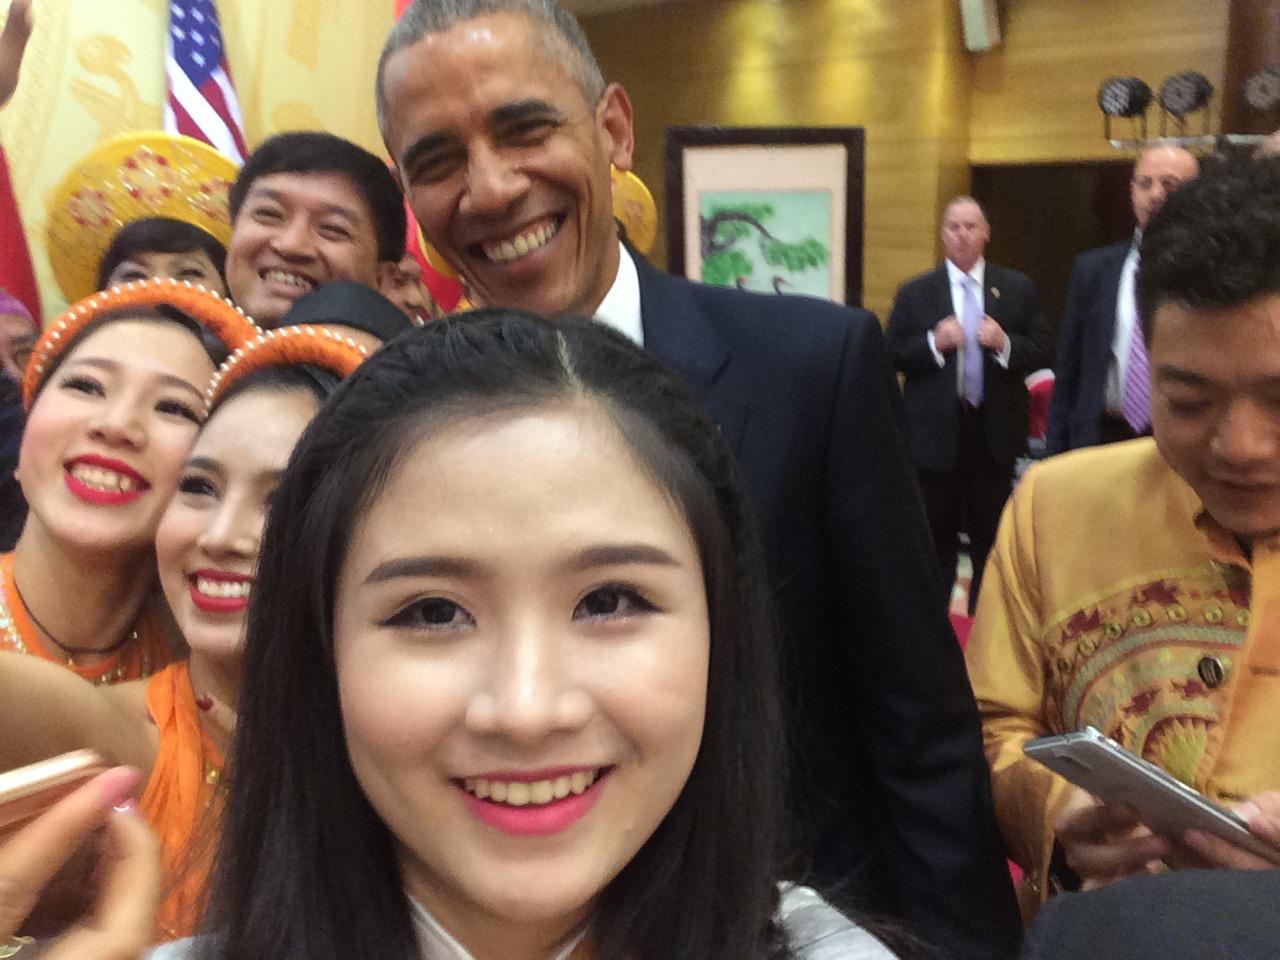 Hoàng Hậu Phương Đông: Từ cô bạn có cái tên lạ đến nữ sinh tài năng được bắt tay cựu Tổng thống Mỹ Obama - Ảnh 6.